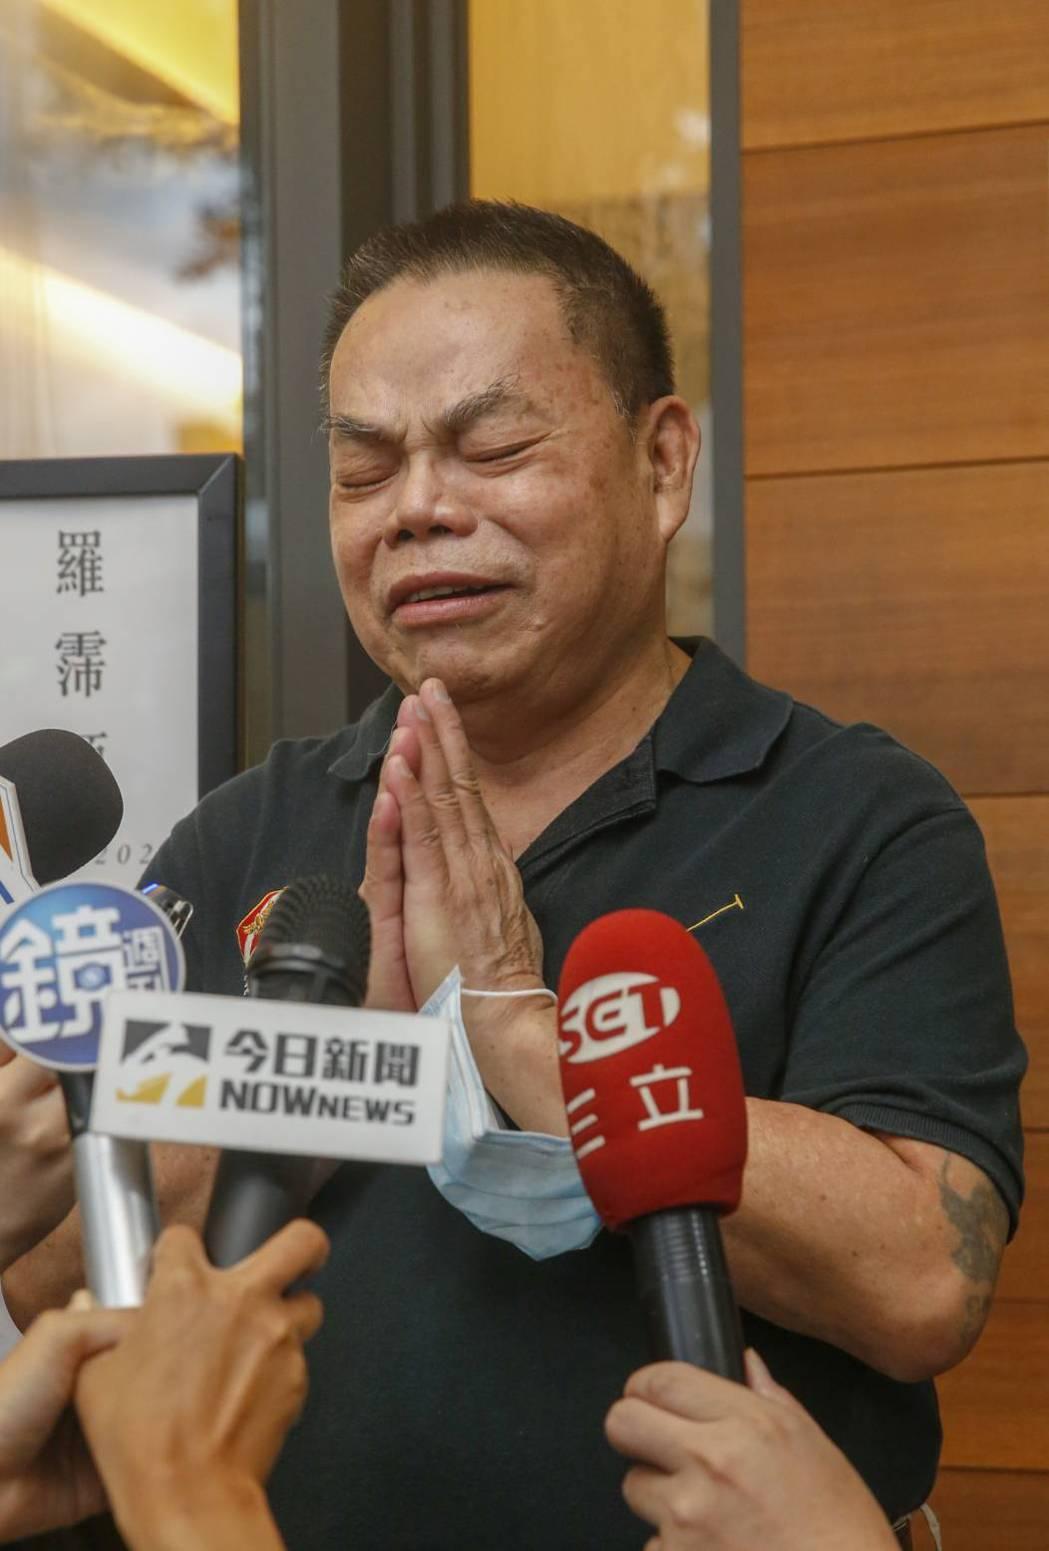 蔡頭在羅霈穎靈堂情緒激動,不時落淚。記者鄭超文/攝影